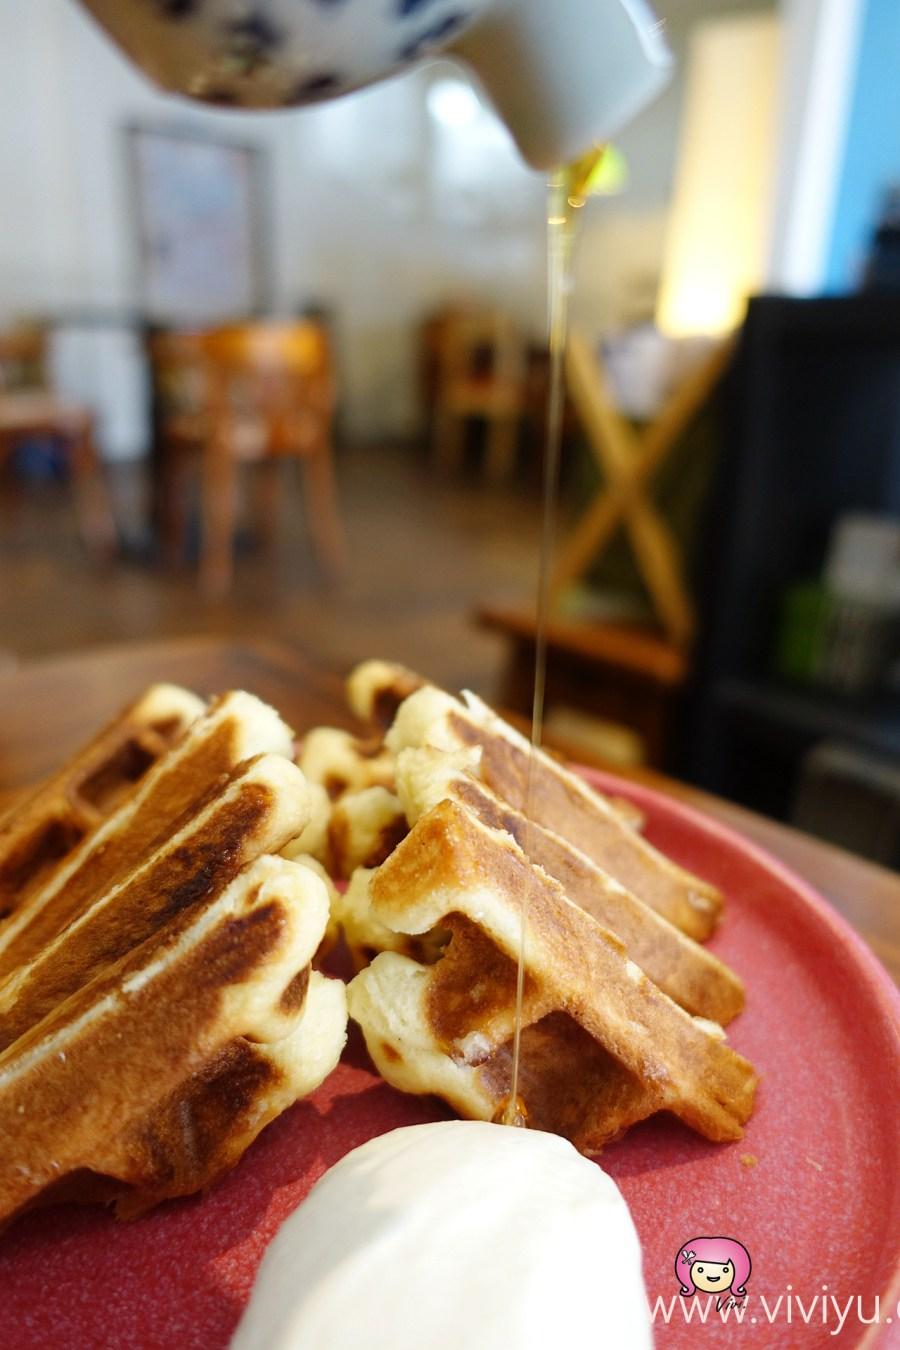 [桃園美食]習作咖啡部.二訪~老宅文青咖啡館.自家烘焙點心.桃園火車站附近放鬆享受的好地方 @VIVIYU小世界